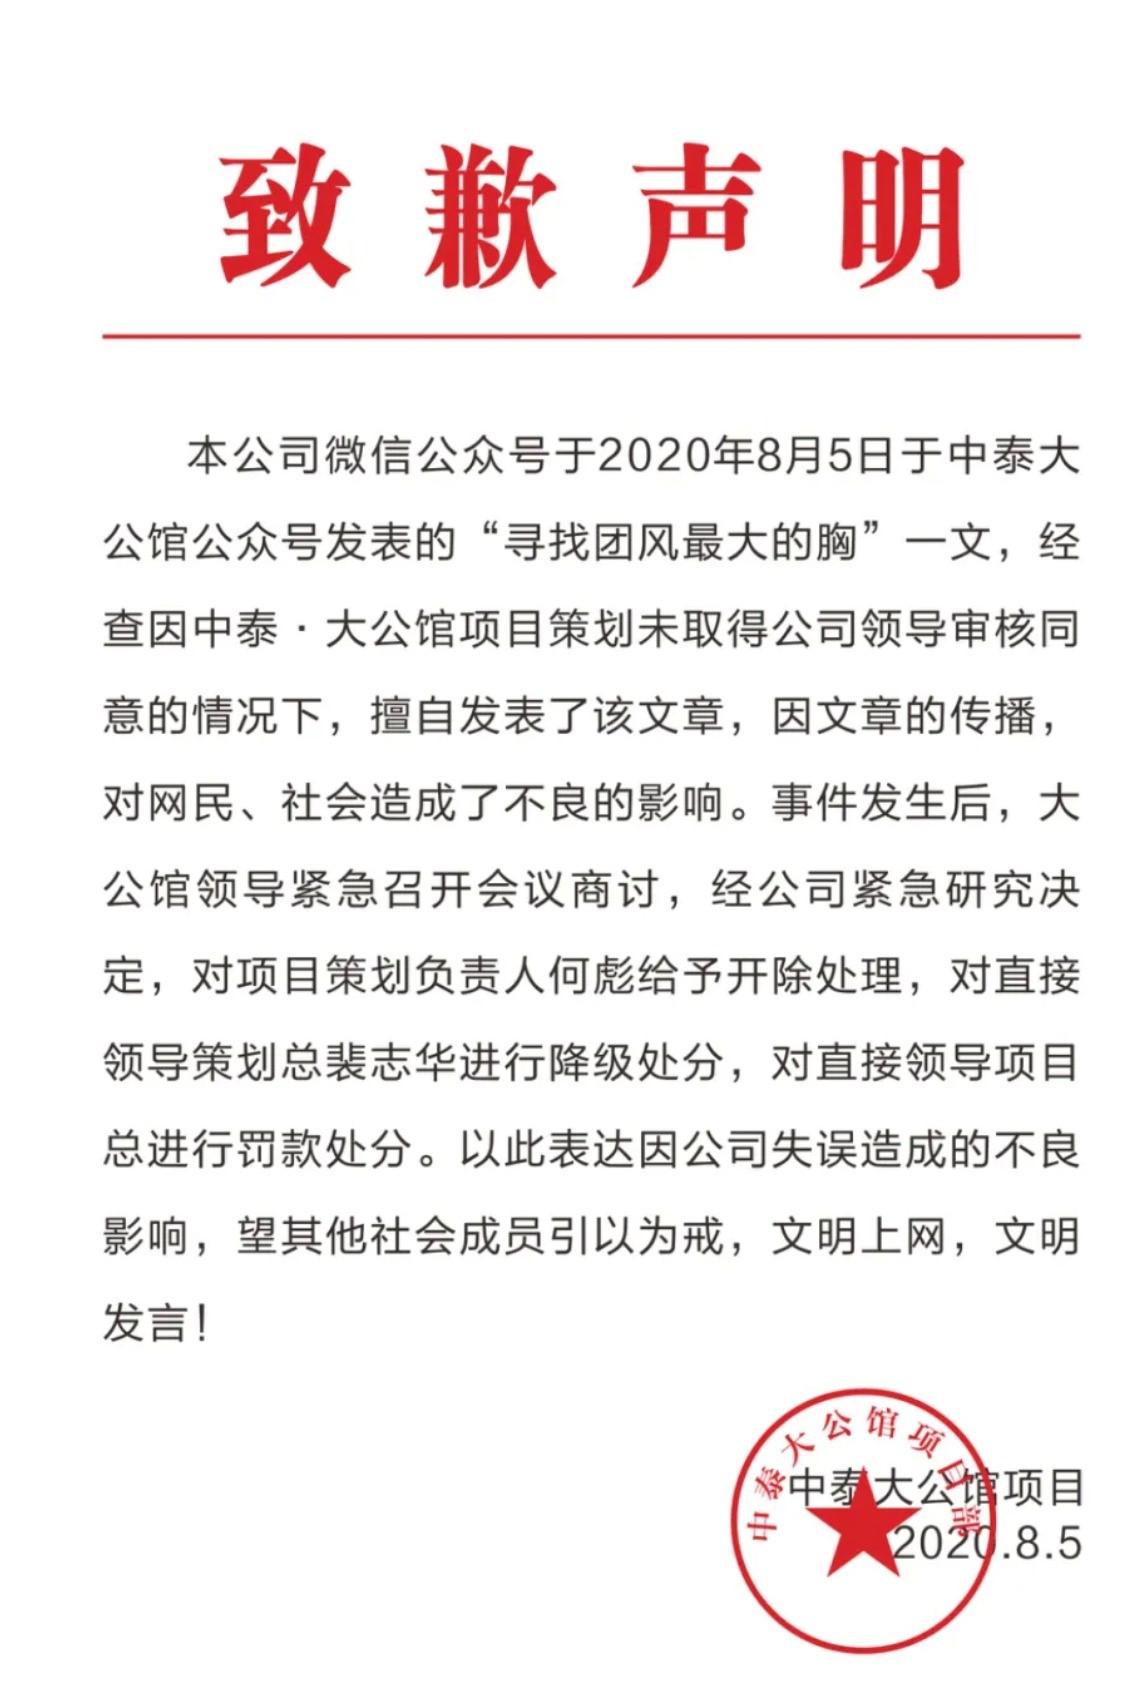 """微信公众号""""中泰大公馆""""8月6日发布的致歉声明。"""